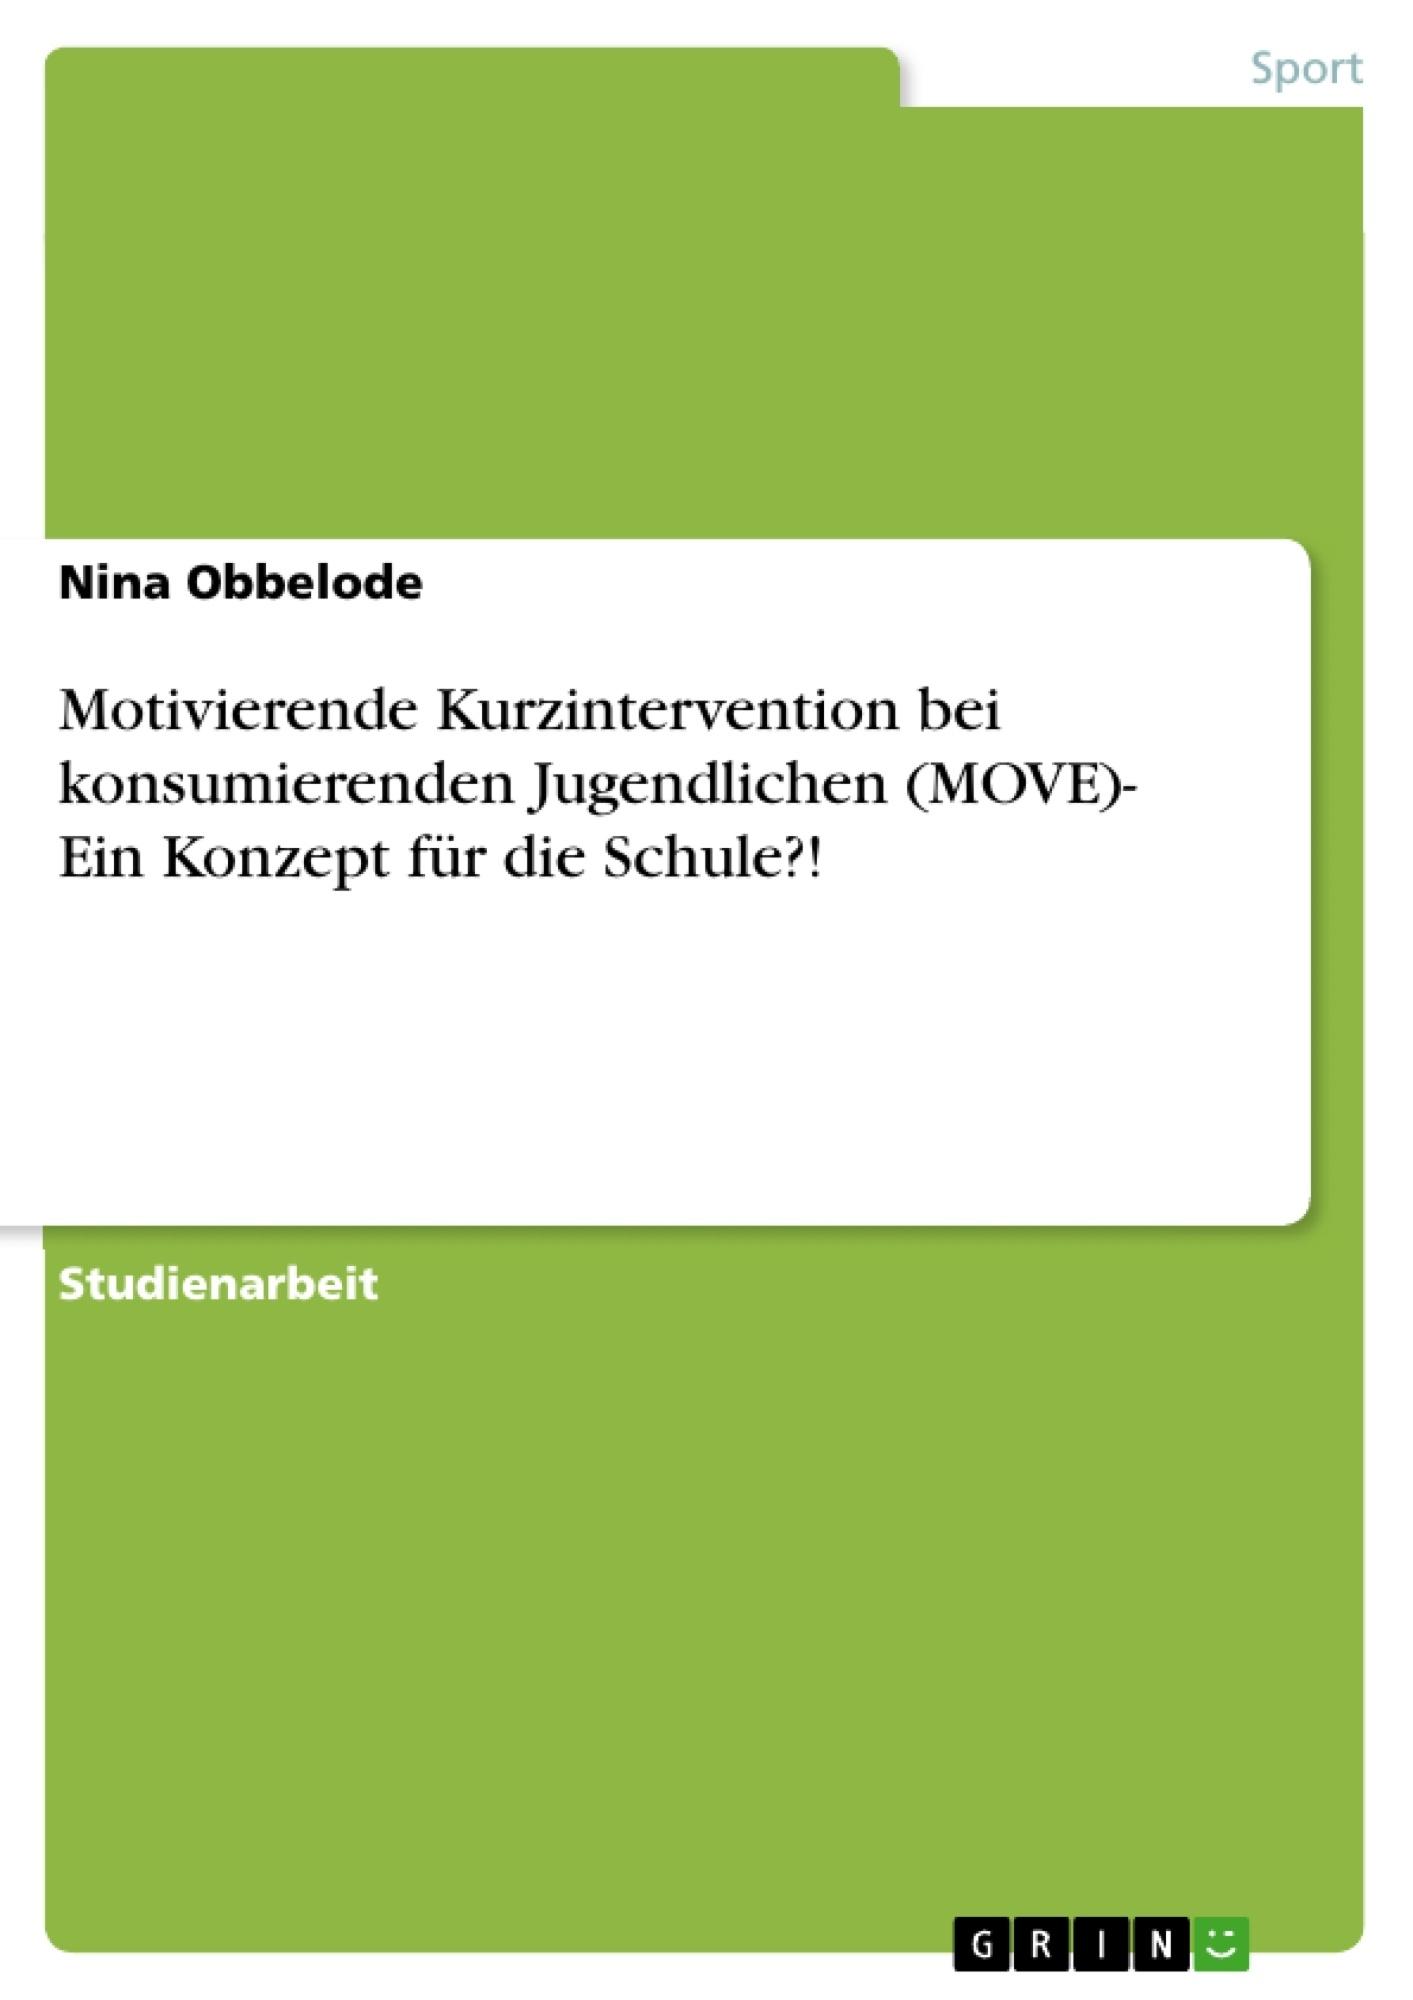 Titel: Motivierende Kurzintervention bei konsumierenden Jugendlichen (MOVE)- Ein Konzept für die Schule?!